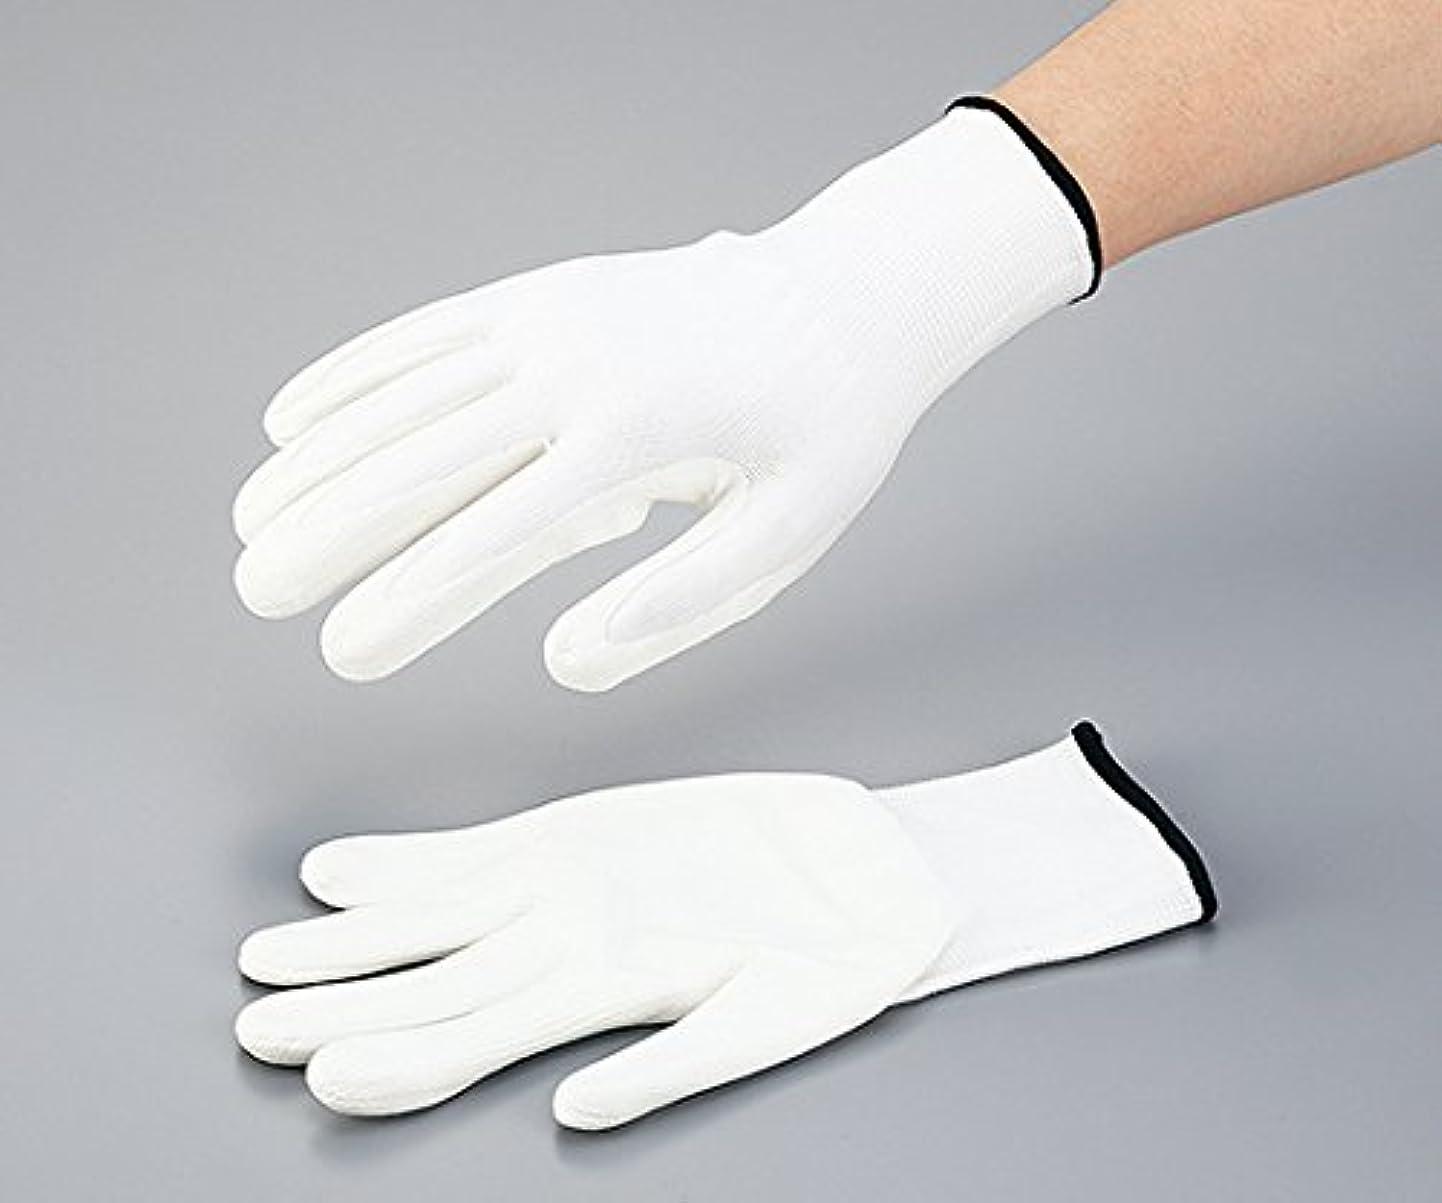 はさみ意識的説教するアズワン3-6428-01水溶性PUコート耐切創手袋(カットクラス3)XL